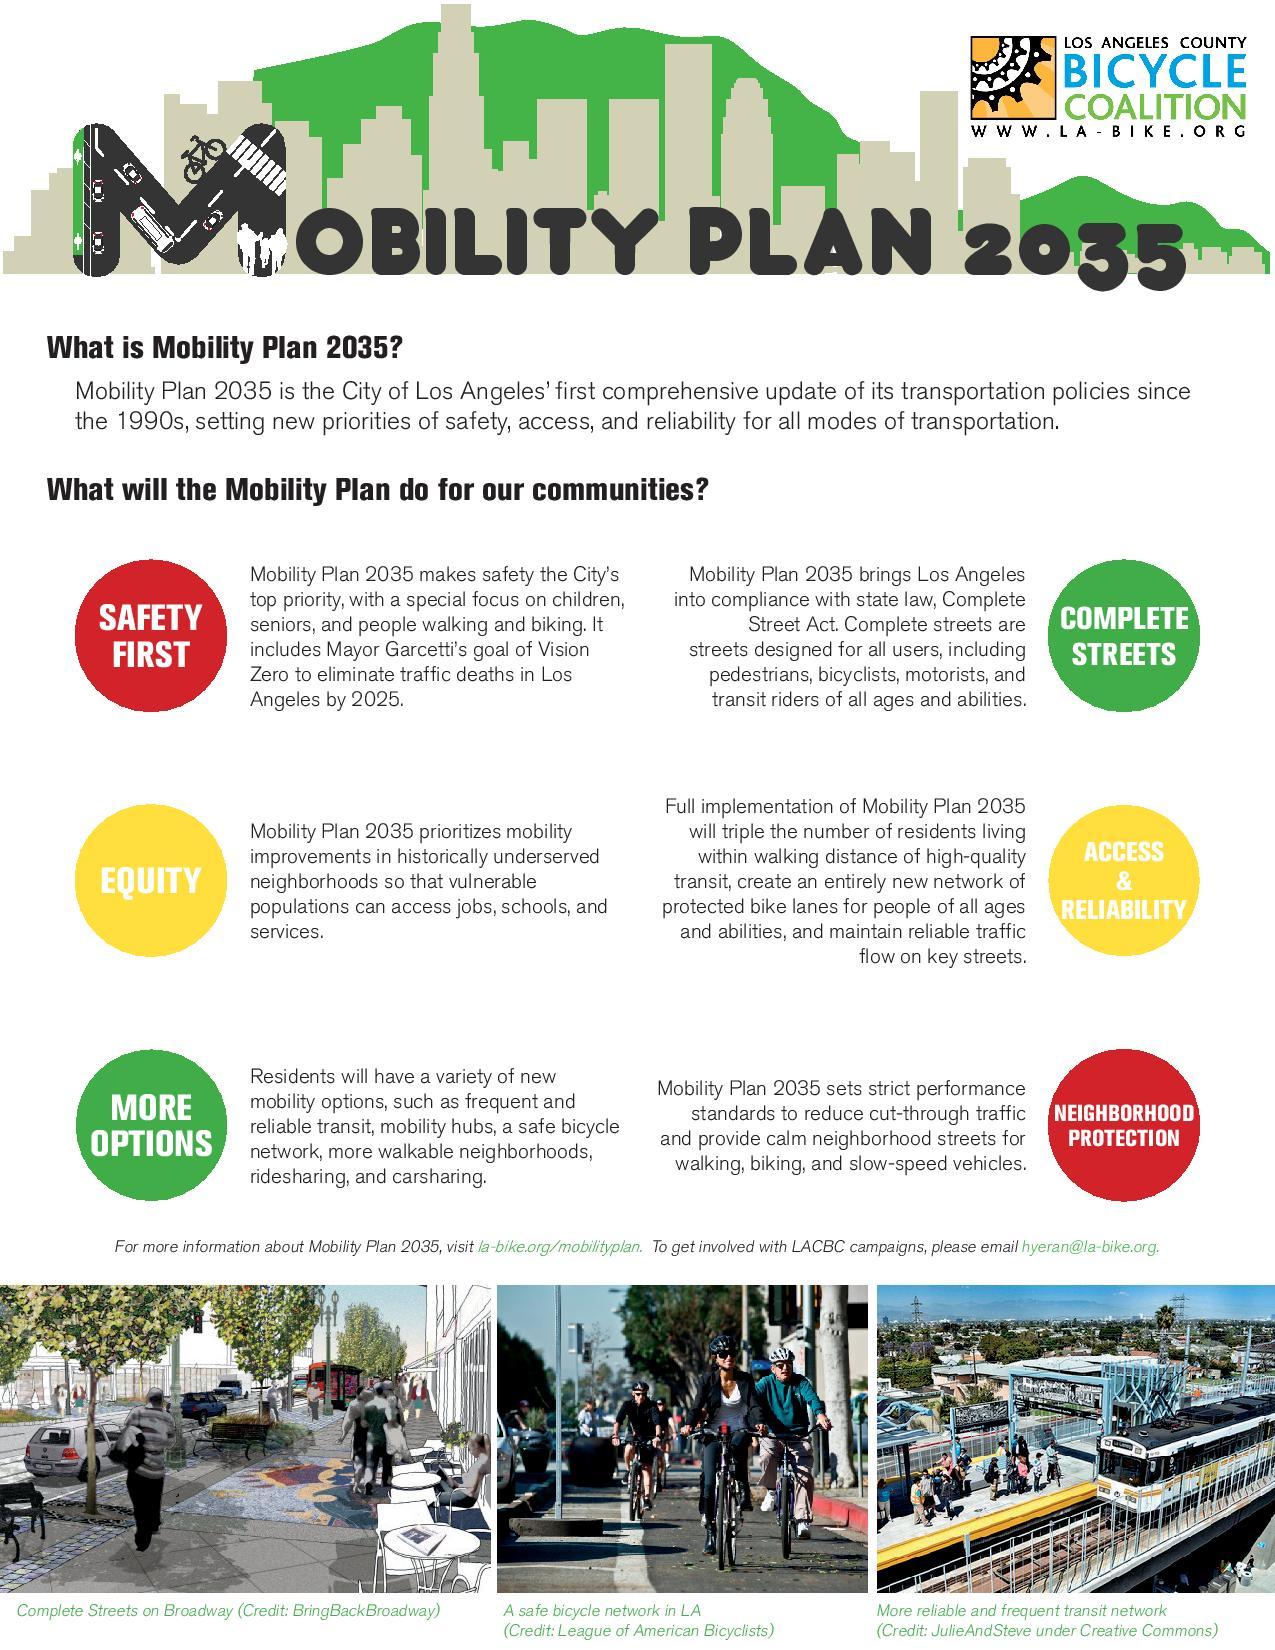 LACBC_Mobility_Plan__2035_Info.jpg